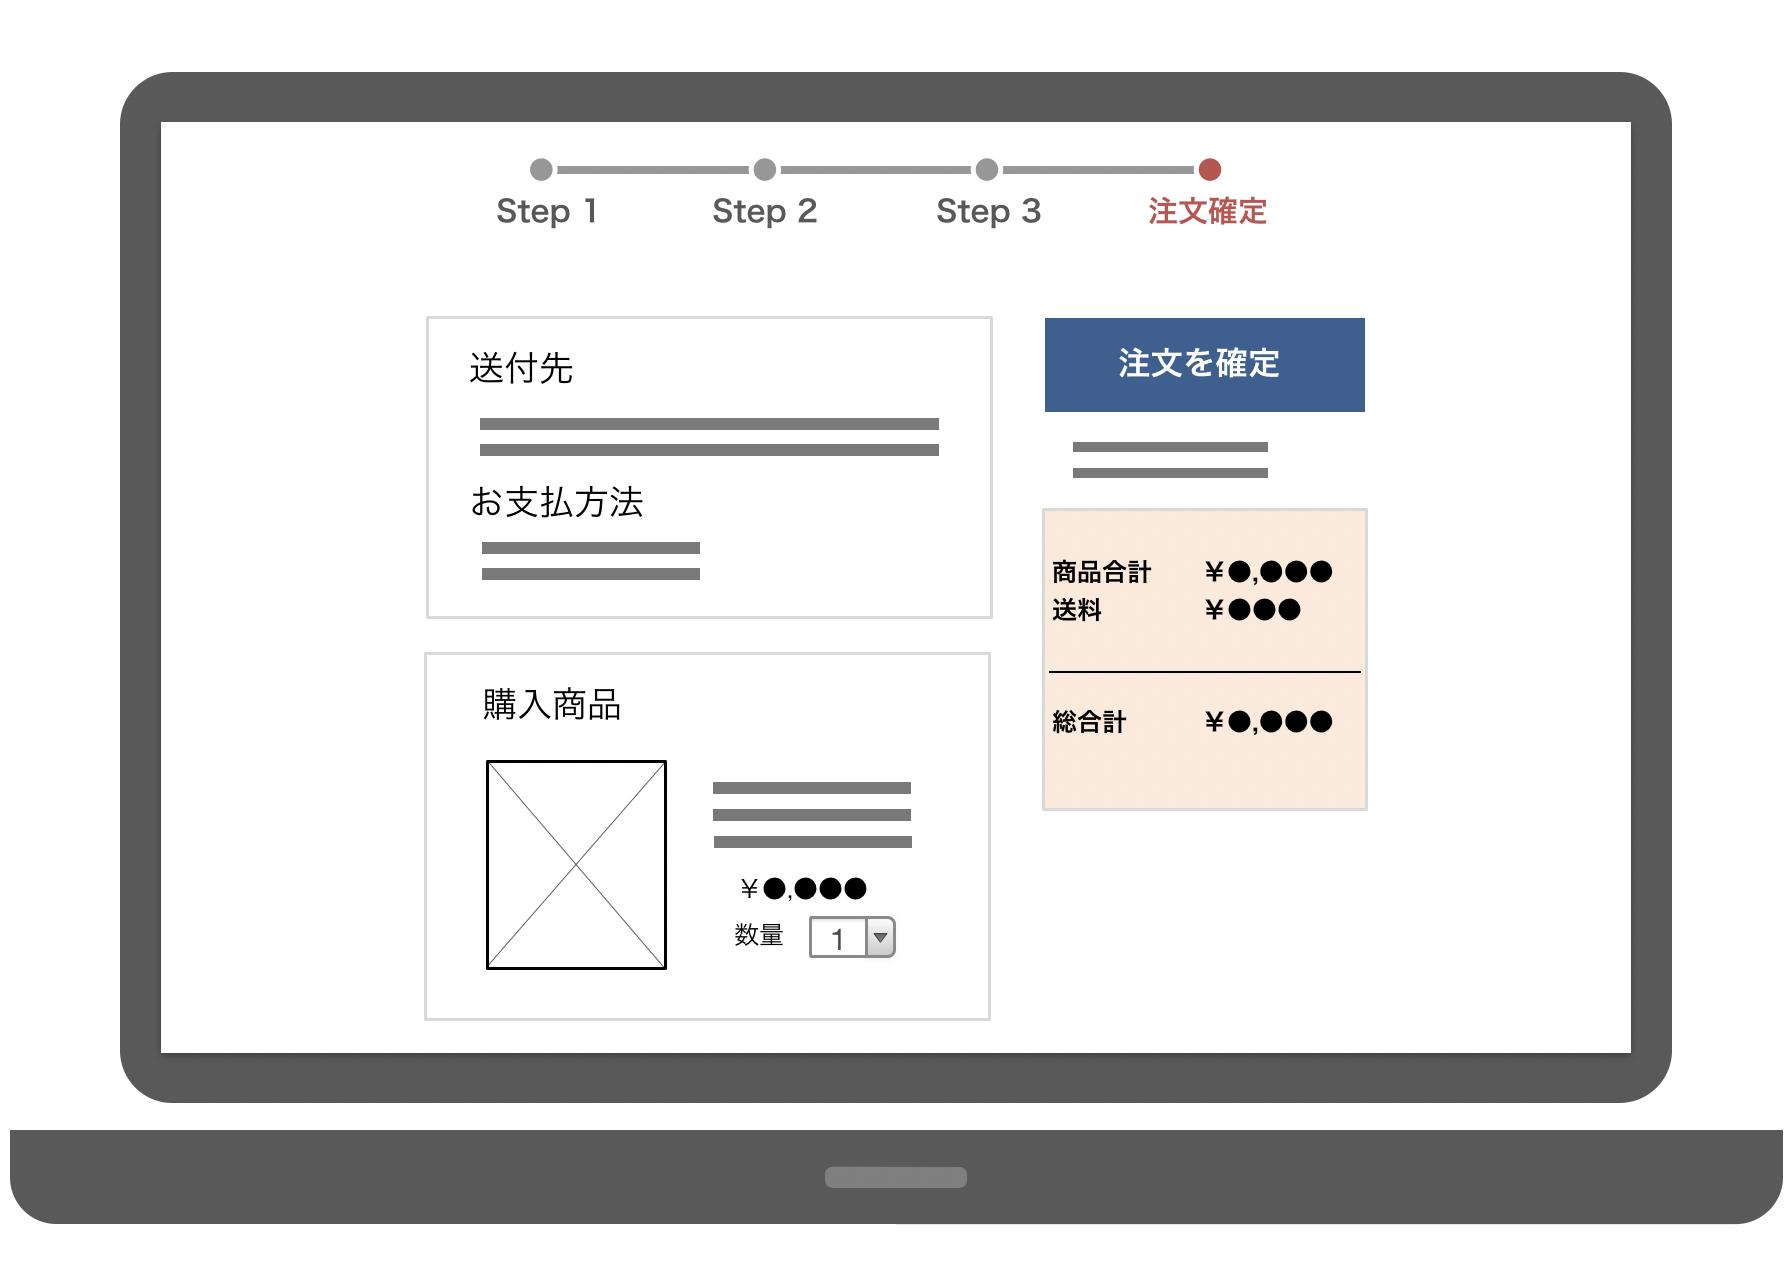 とあるショッピングサイトの「注文確認」画面